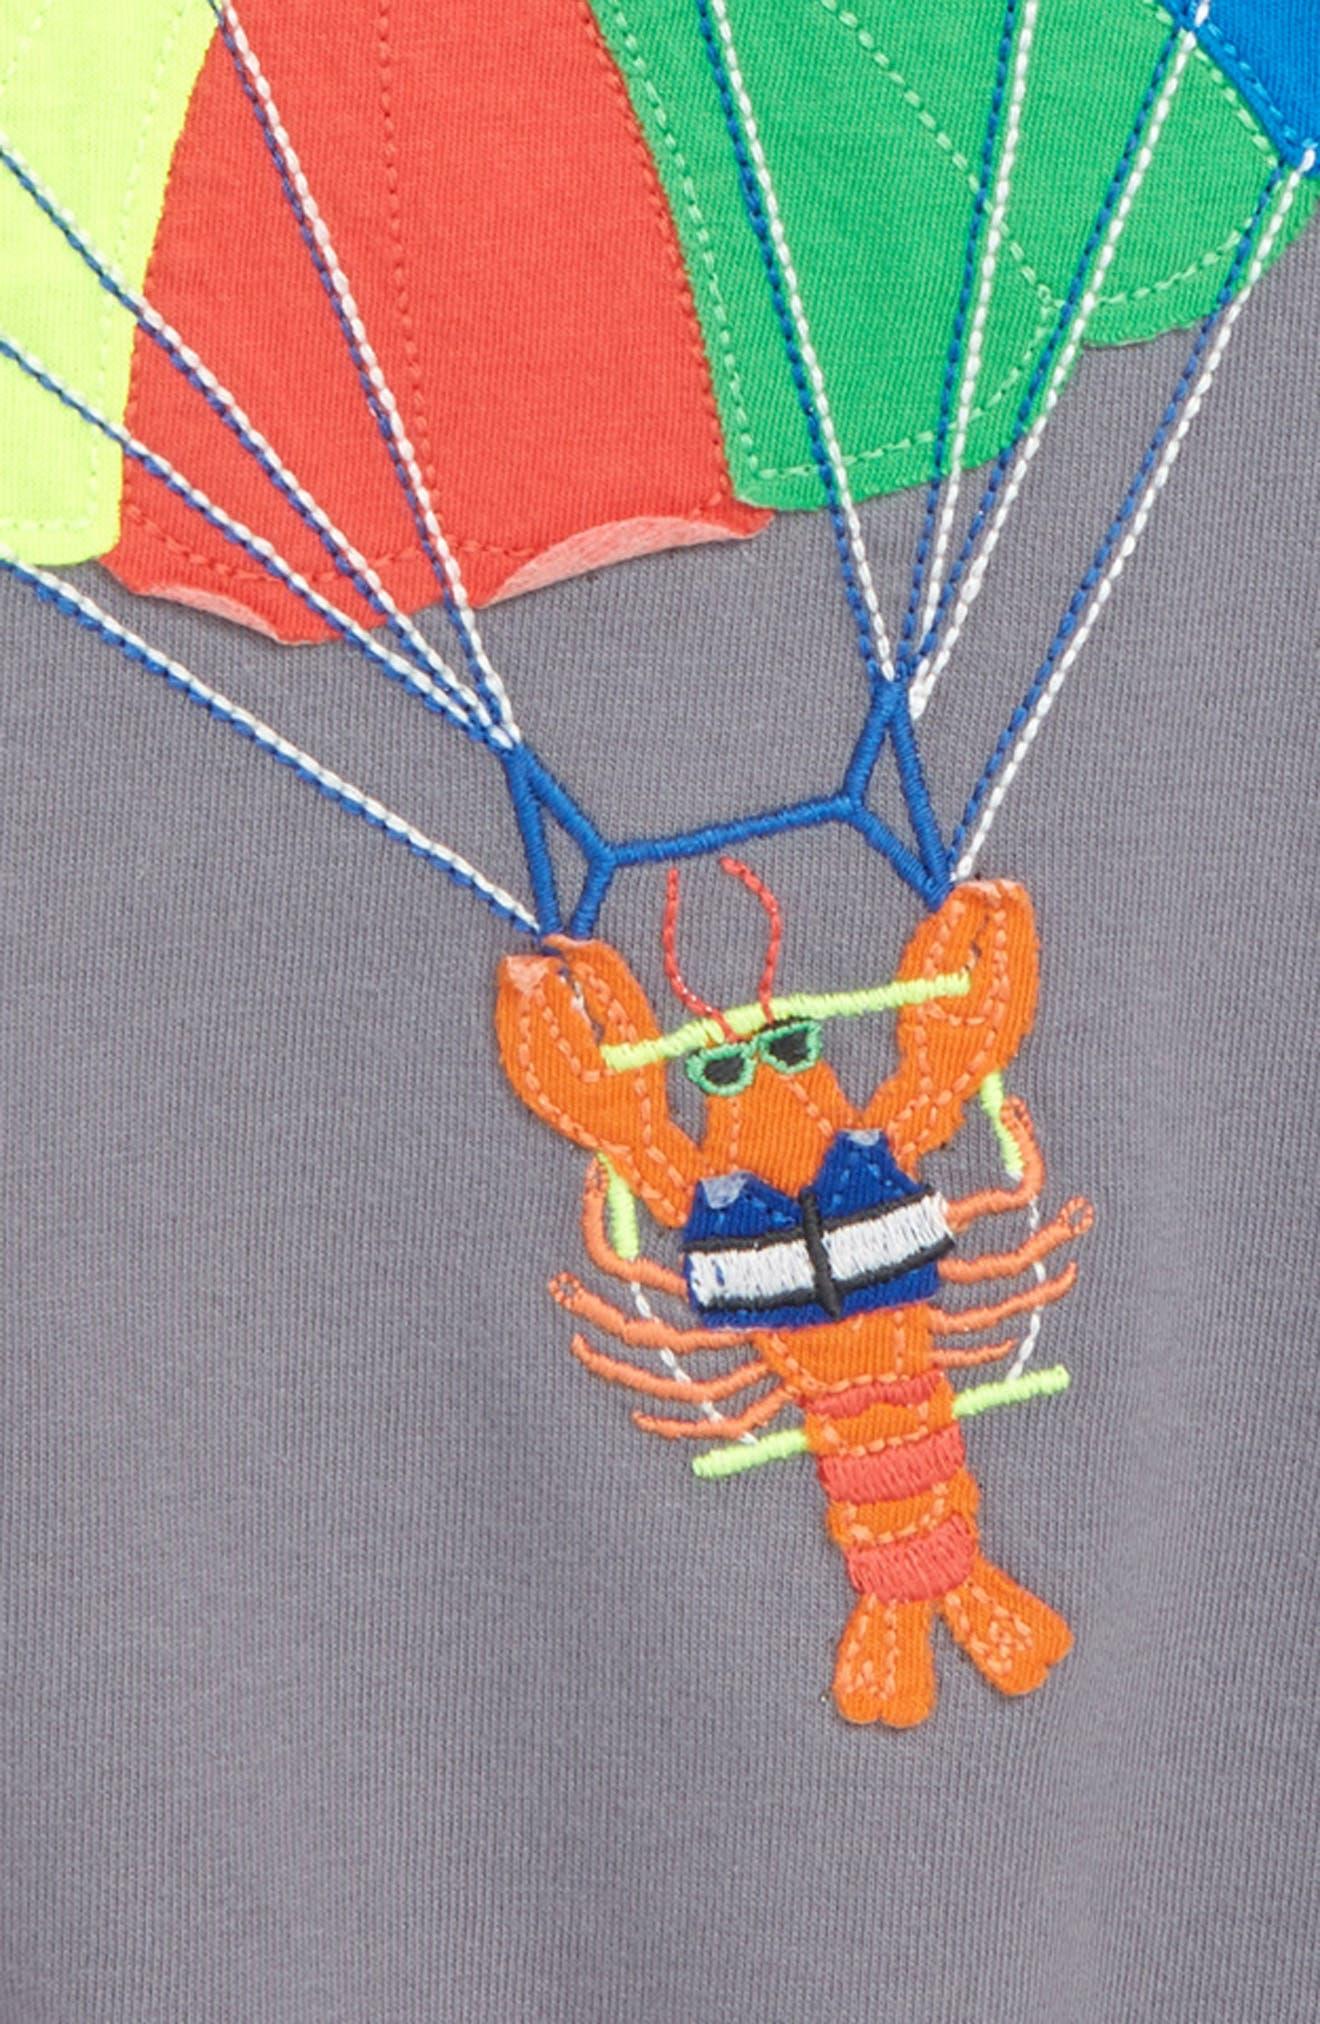 Beach Sports Appliqué Parasailing T-Shirt,                             Alternate thumbnail 2, color,                             062